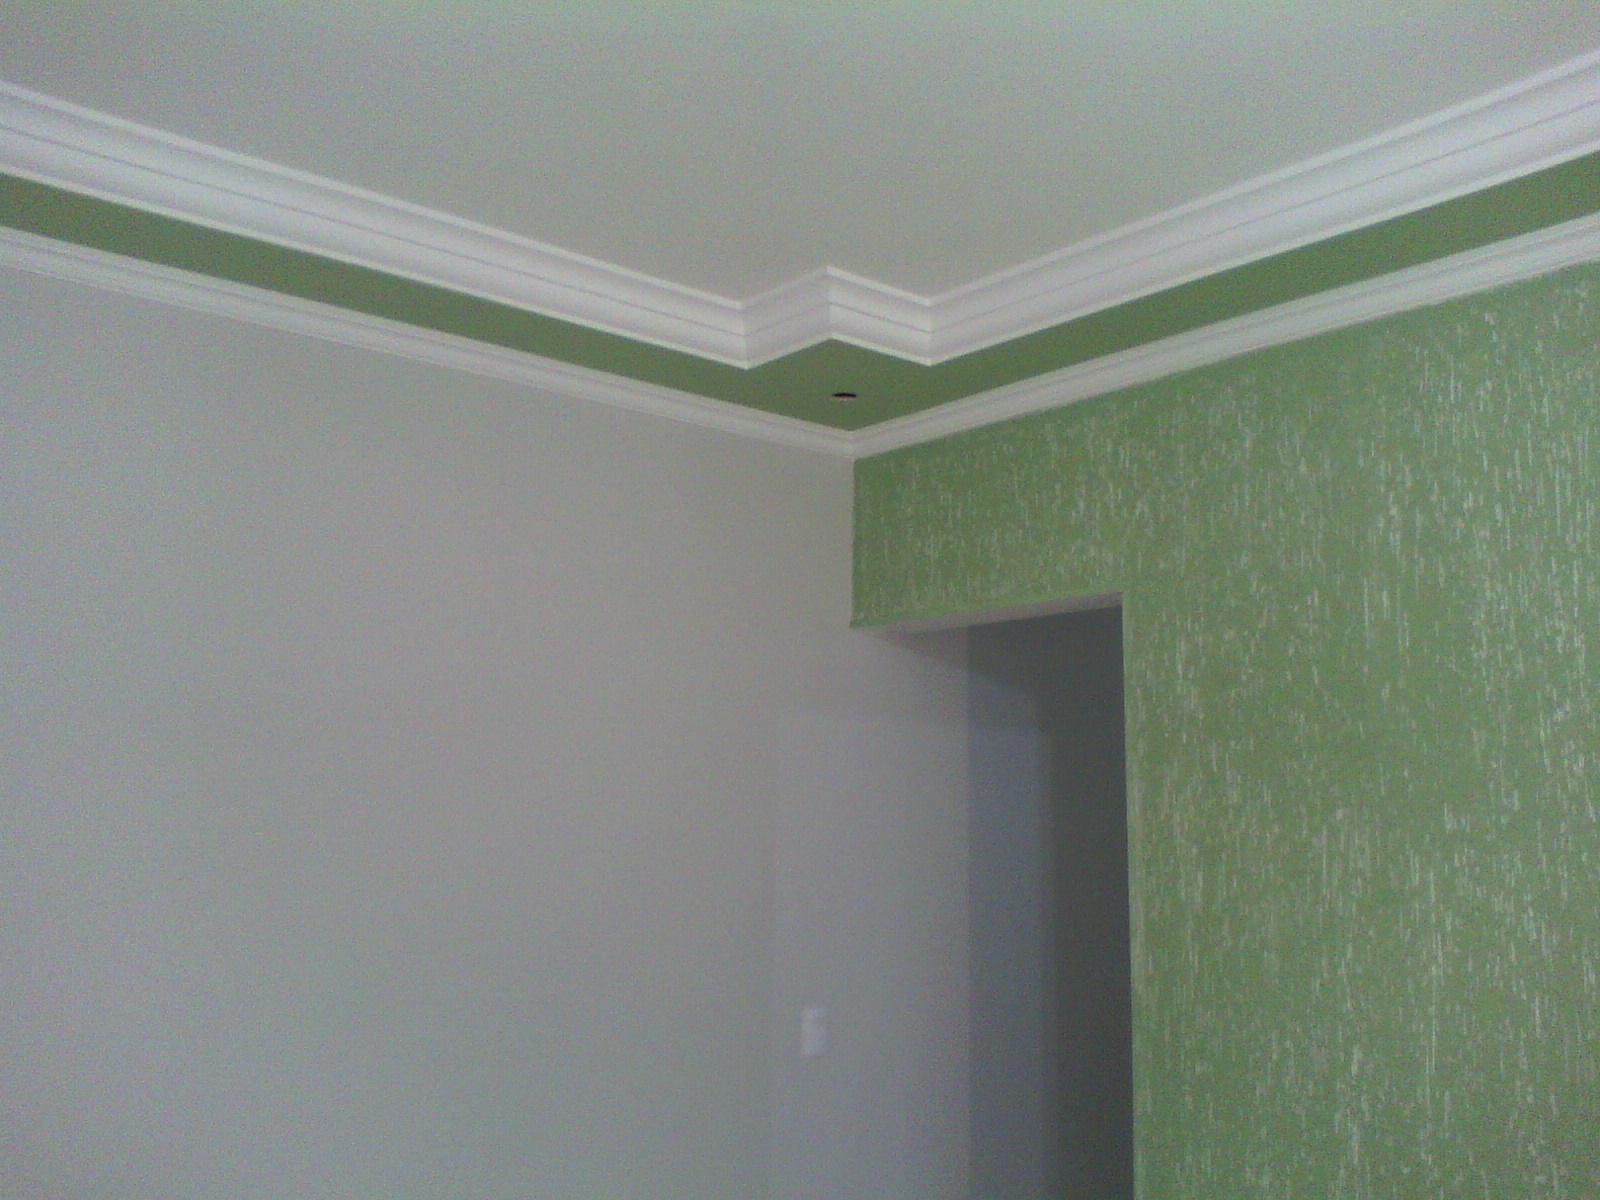 Pinturas E Outras Coisas Parede Com Grafiato Fundo Branco E Verde  -> Fotos De Paredes Com Grafiato